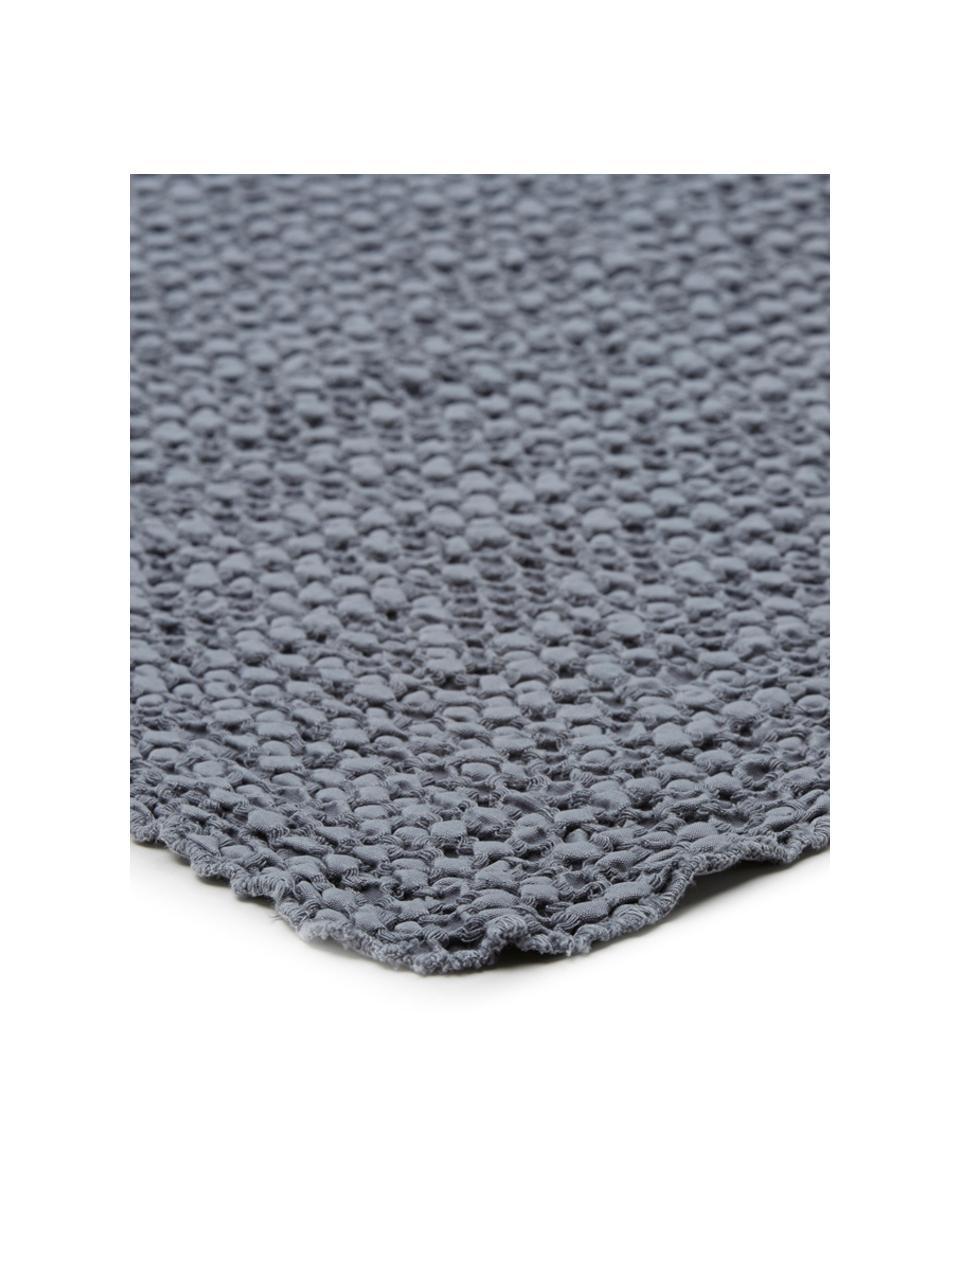 Couvre-lit coton gris à surface texturée Vigo, Bleu foncé